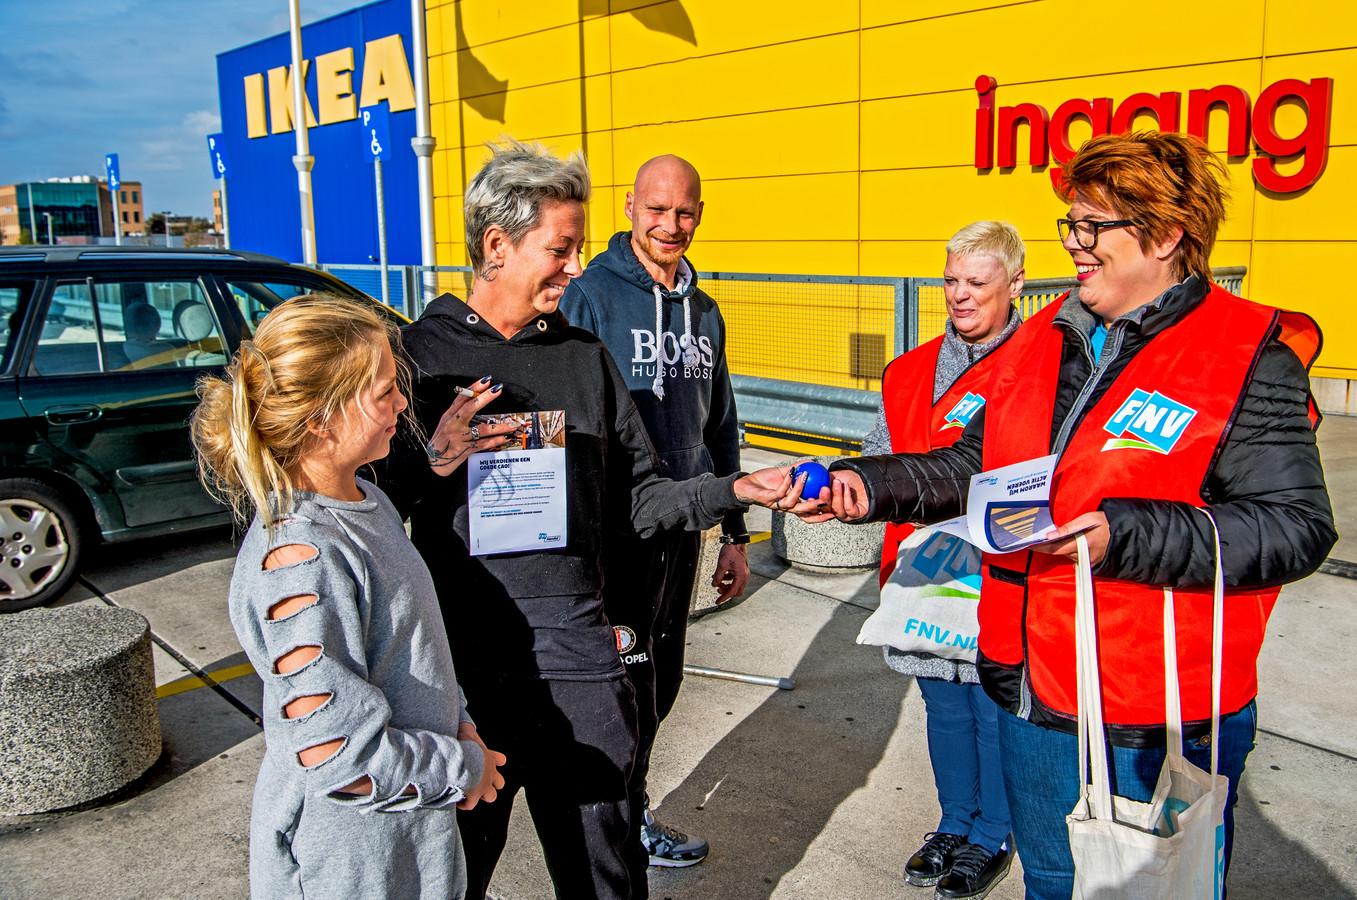 Bijna alle klanten van Ikea pakken een balletje aan en blijven even staan voor een praatje over de werkdruk.